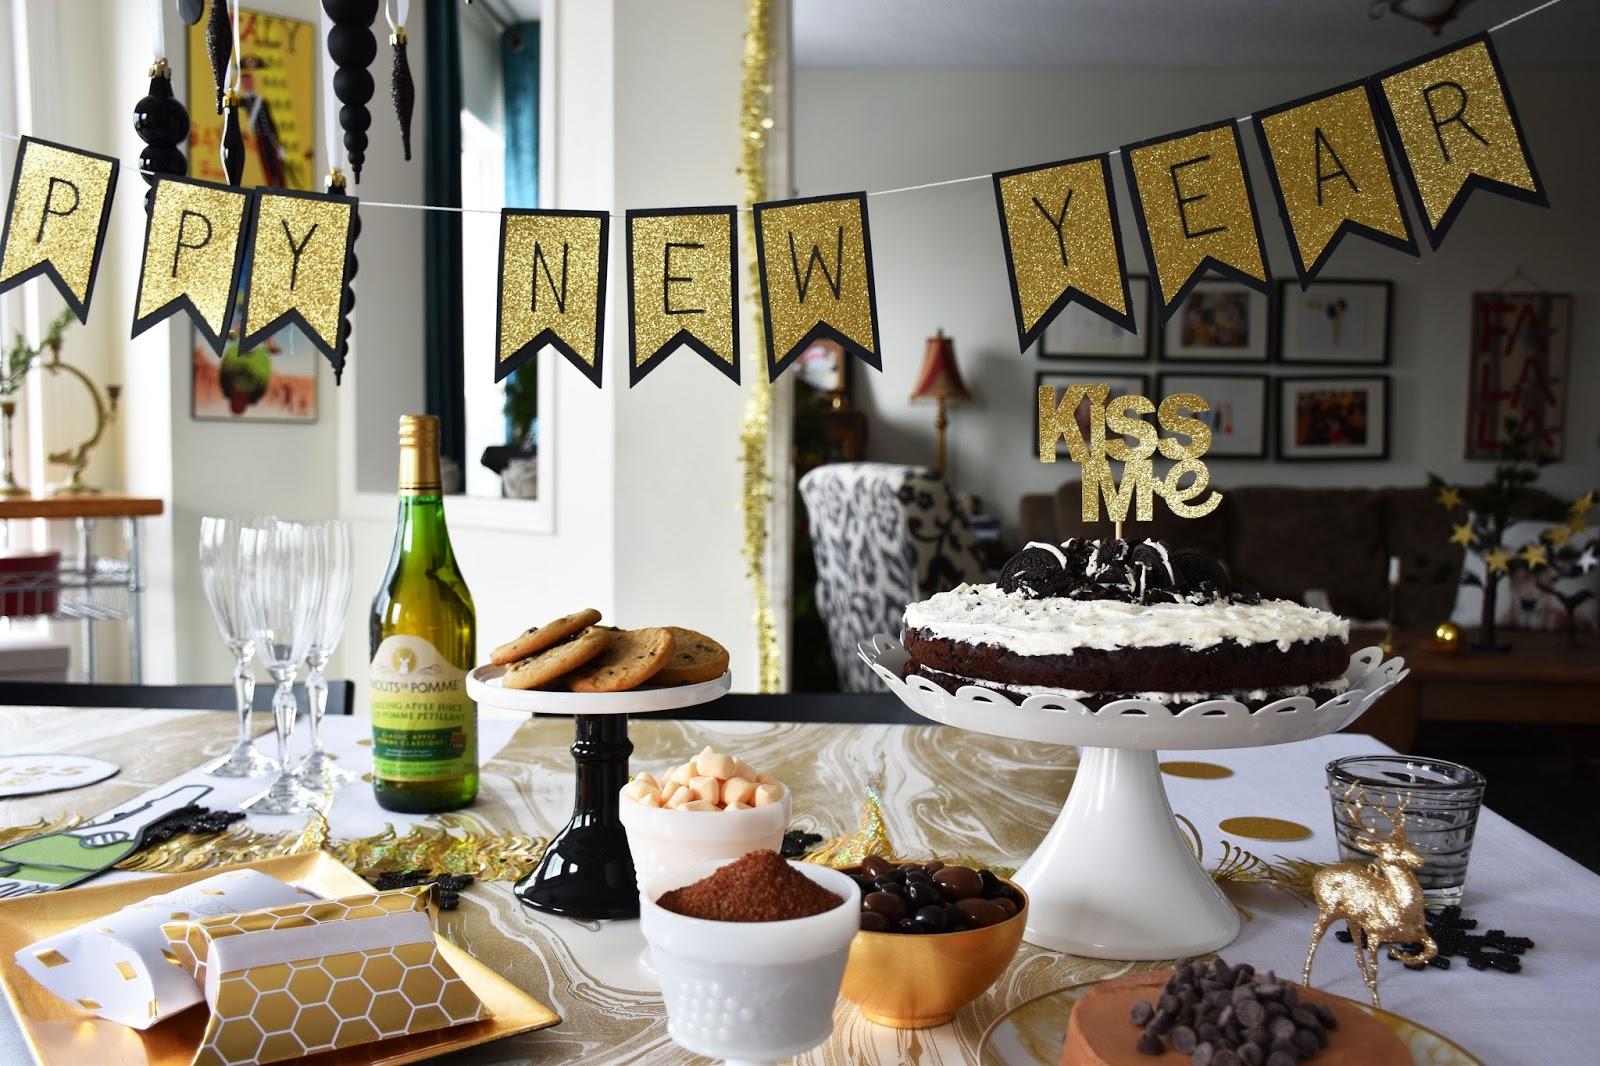 Картинки по запросу new year table